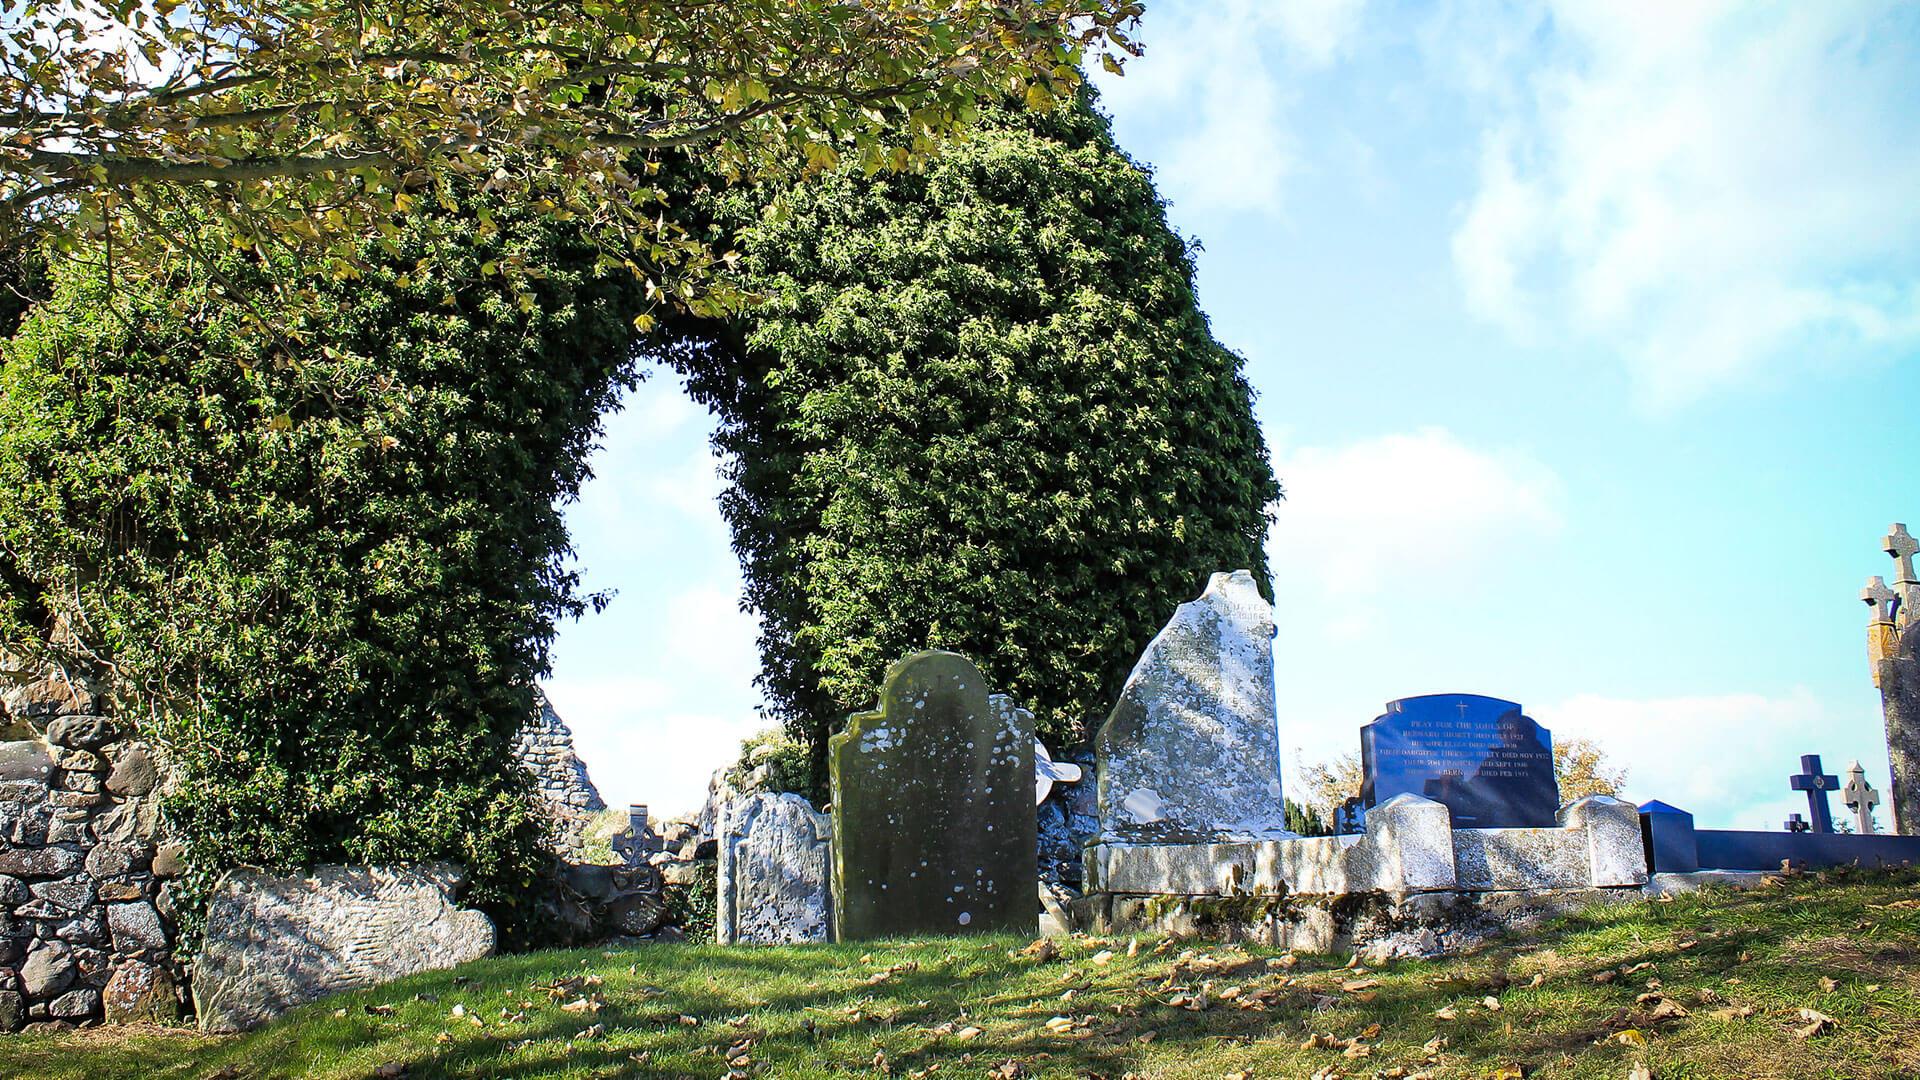 Ardboe Graveyard